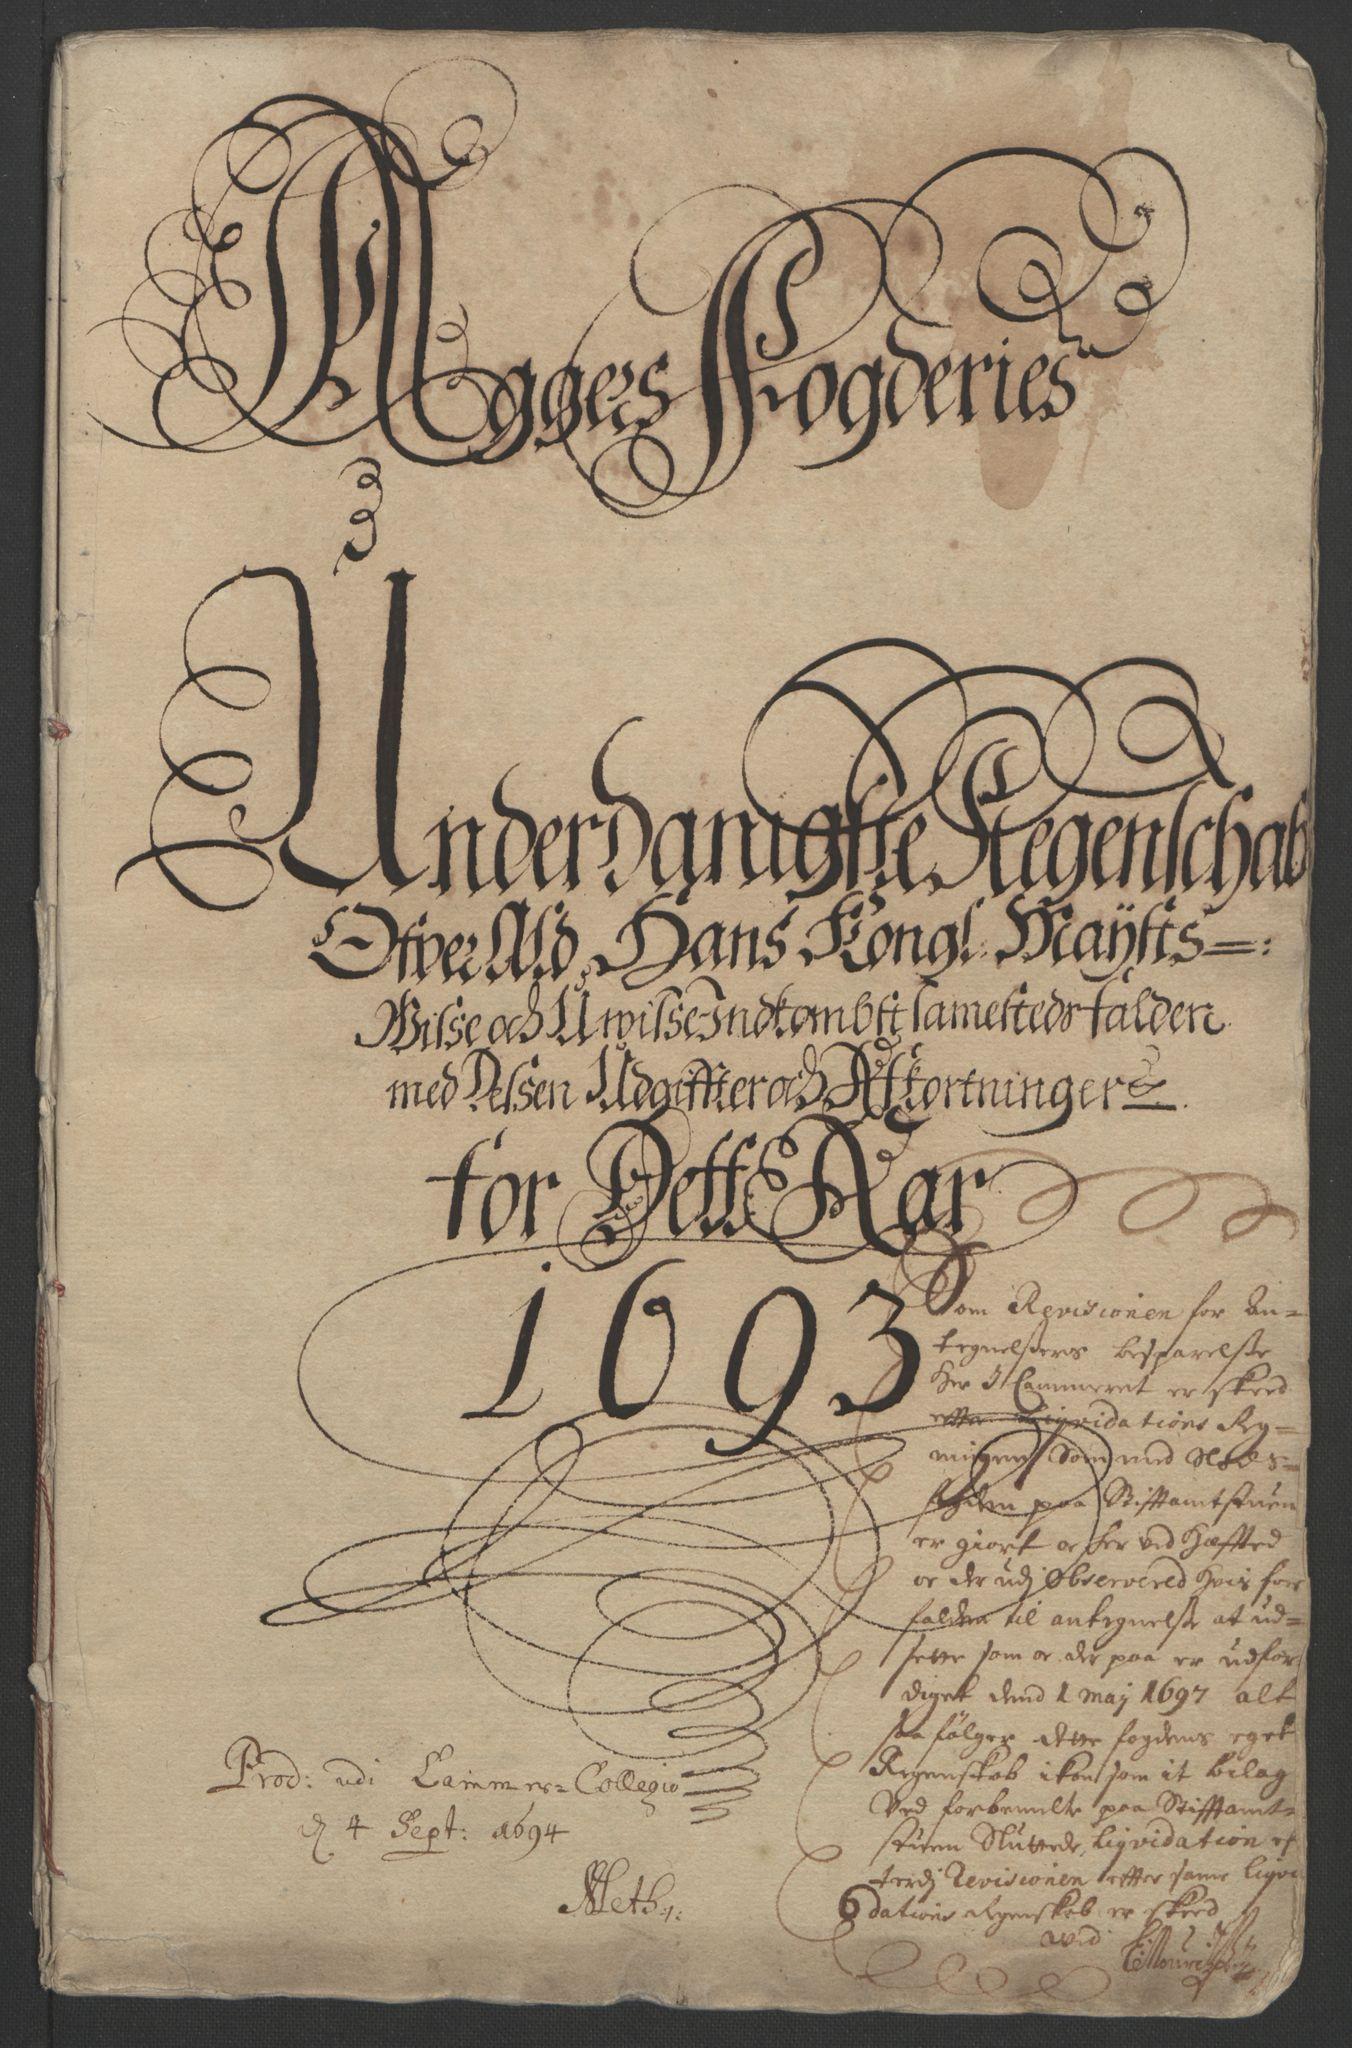 RA, Rentekammeret inntil 1814, Reviderte regnskaper, Fogderegnskap, R08/L0426: Fogderegnskap Aker, 1692-1693, s. 264